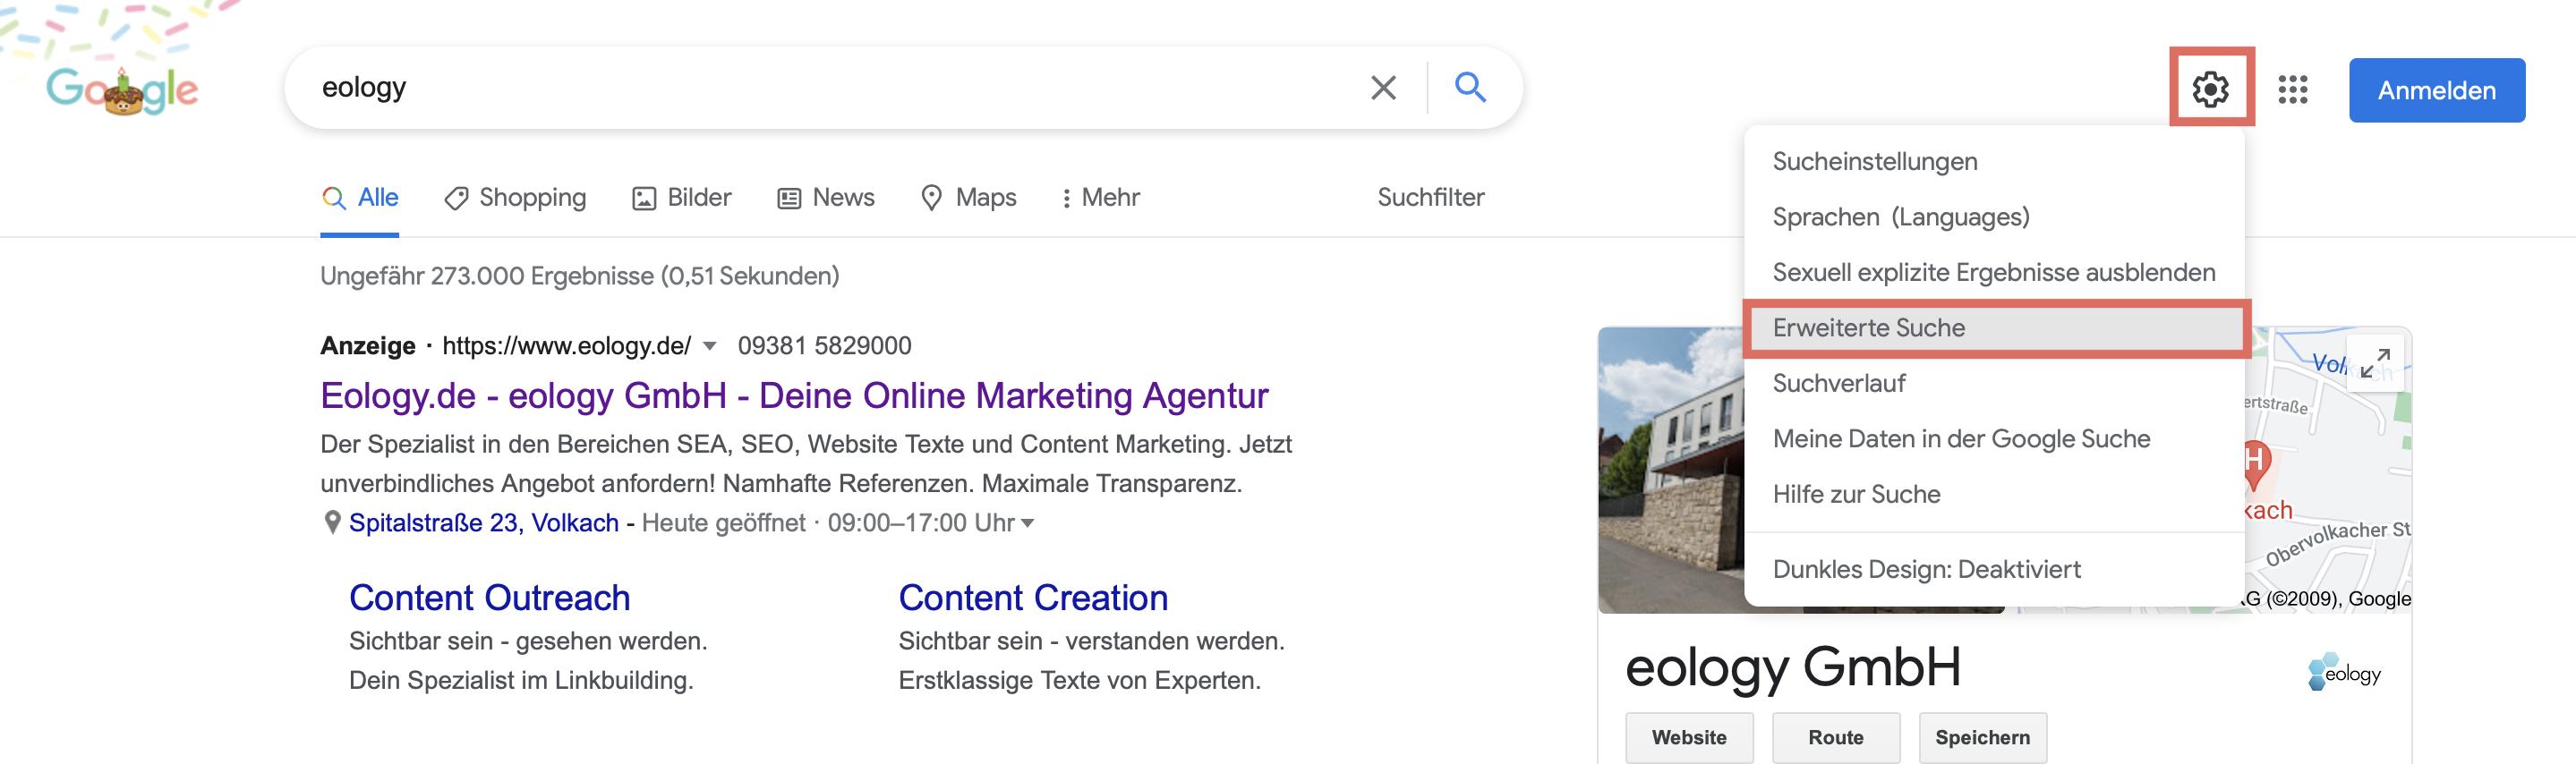 Das Bild beschreibt, wie Du auf die erweiterte Suche von Google kommst.